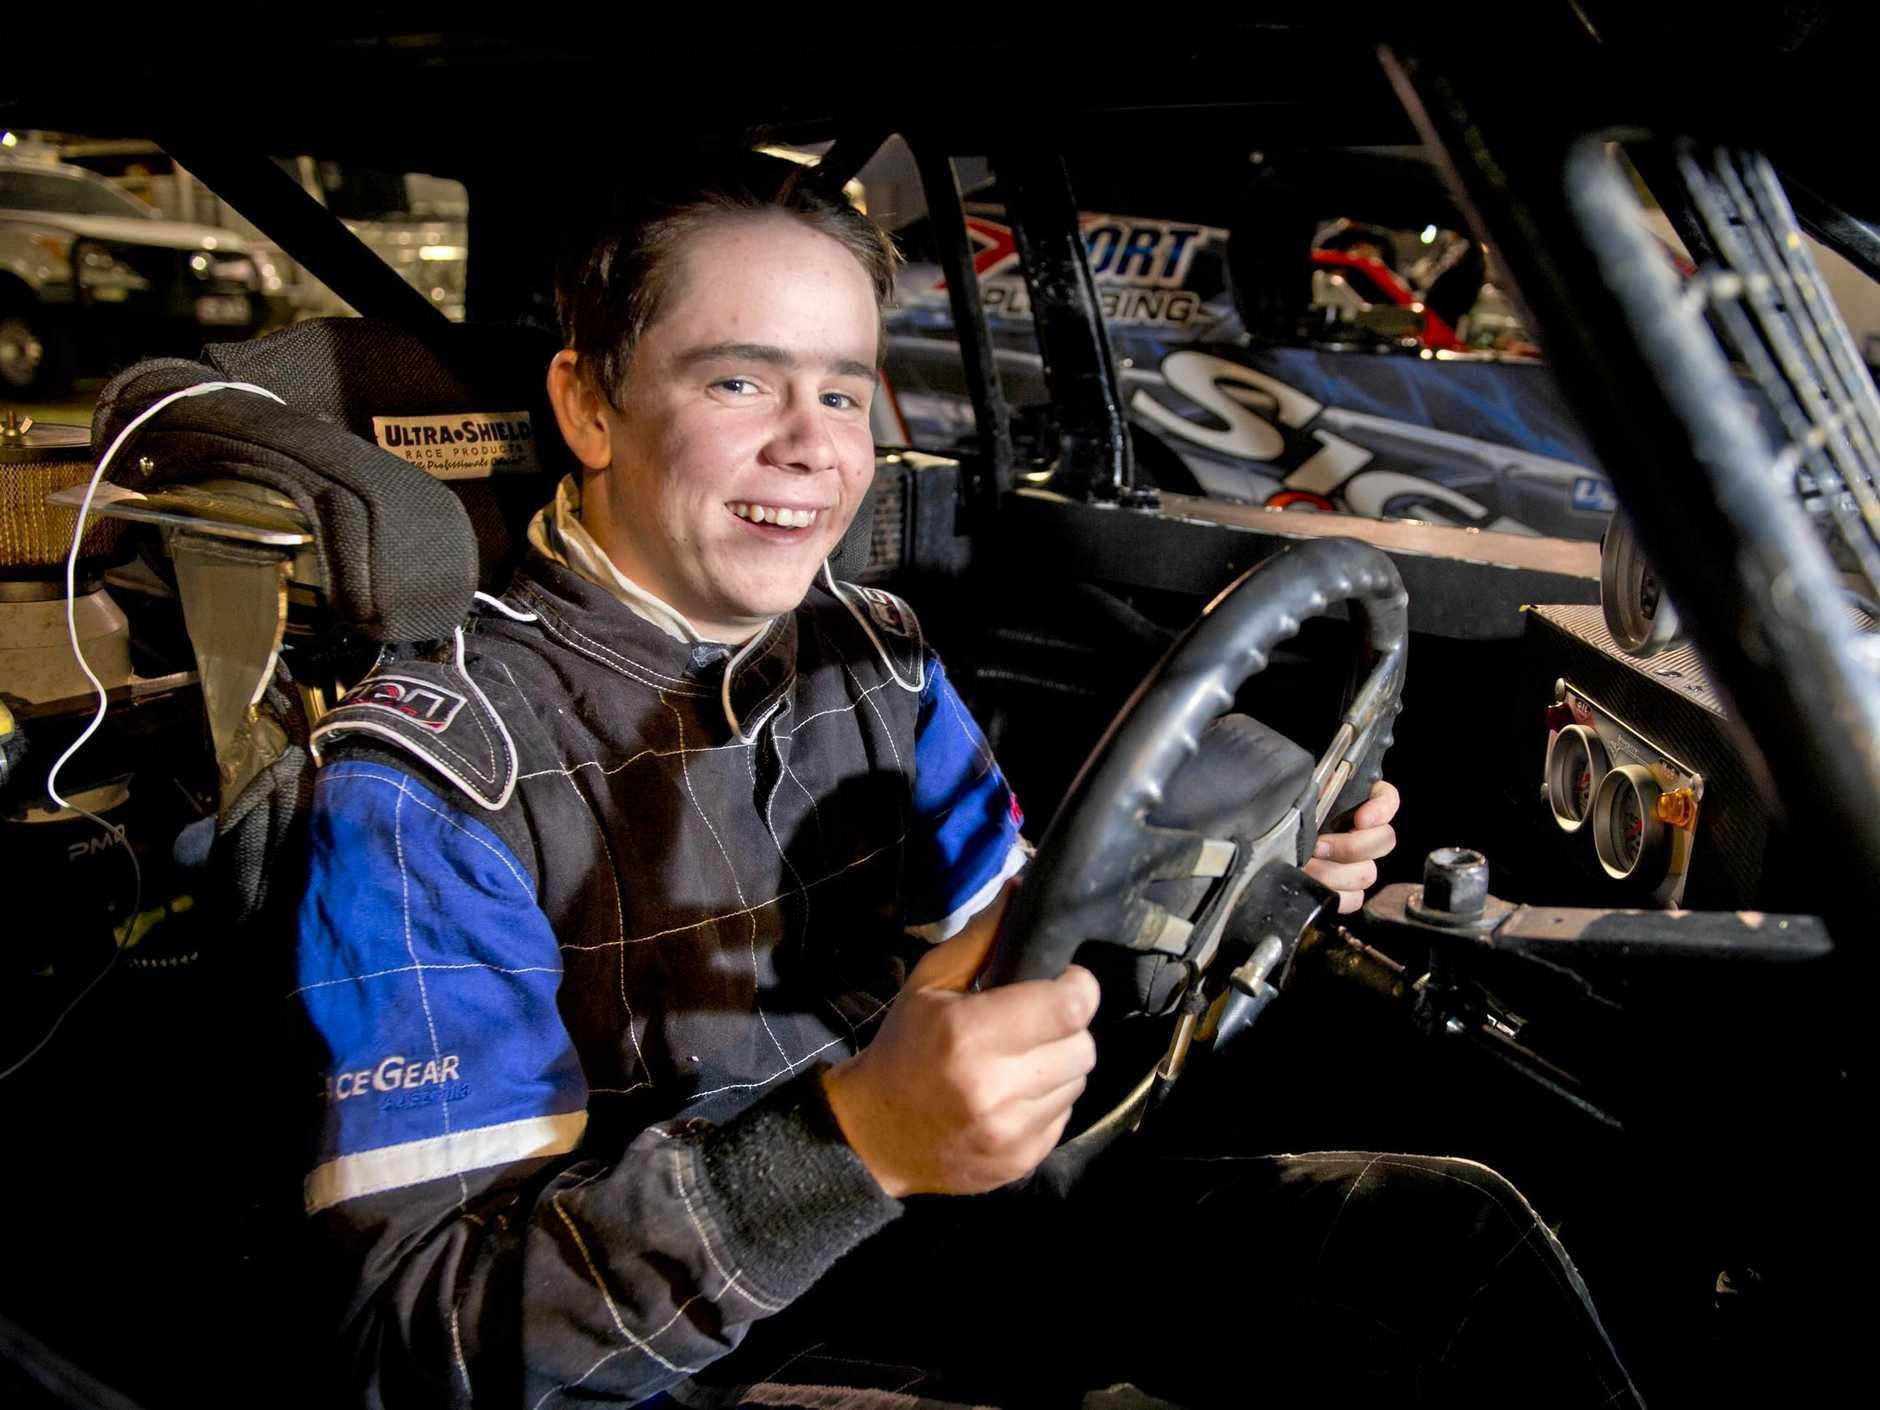 Joel Curd, behind the wheel in 2016